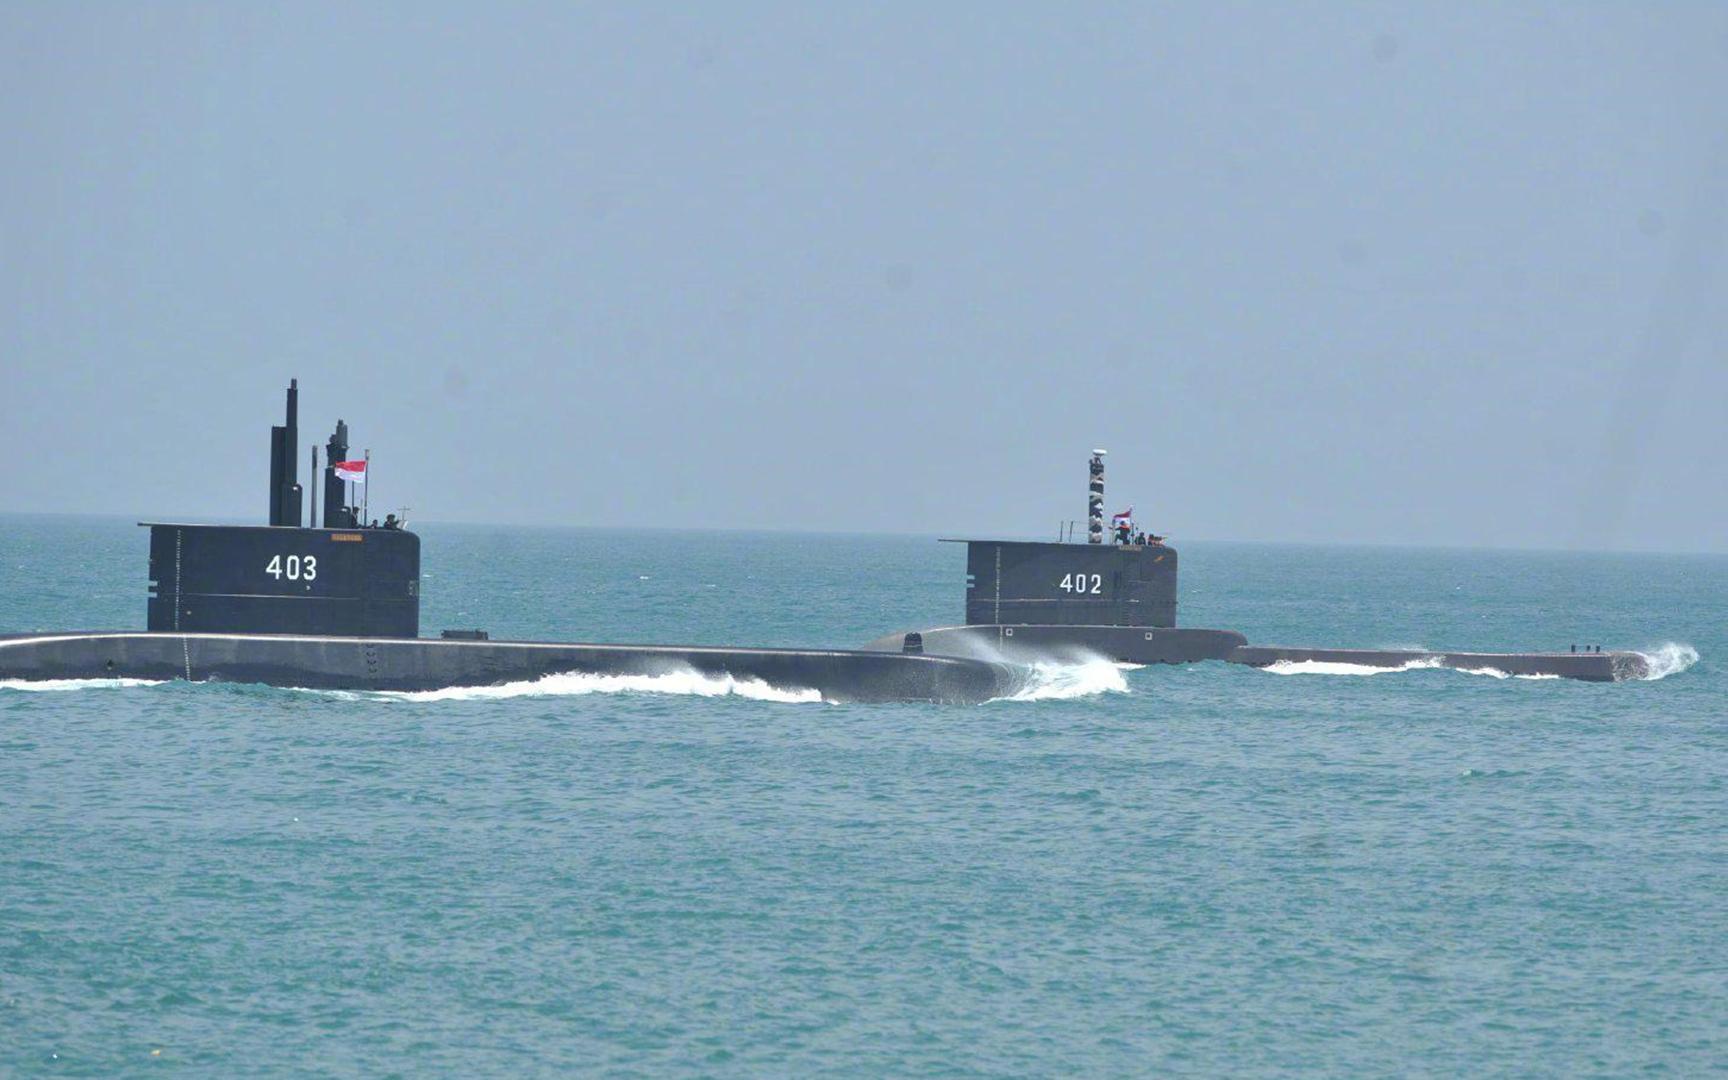 印尼潜艇失踪,潜艇水下出事怎么办:中国海军曾创造奇迹